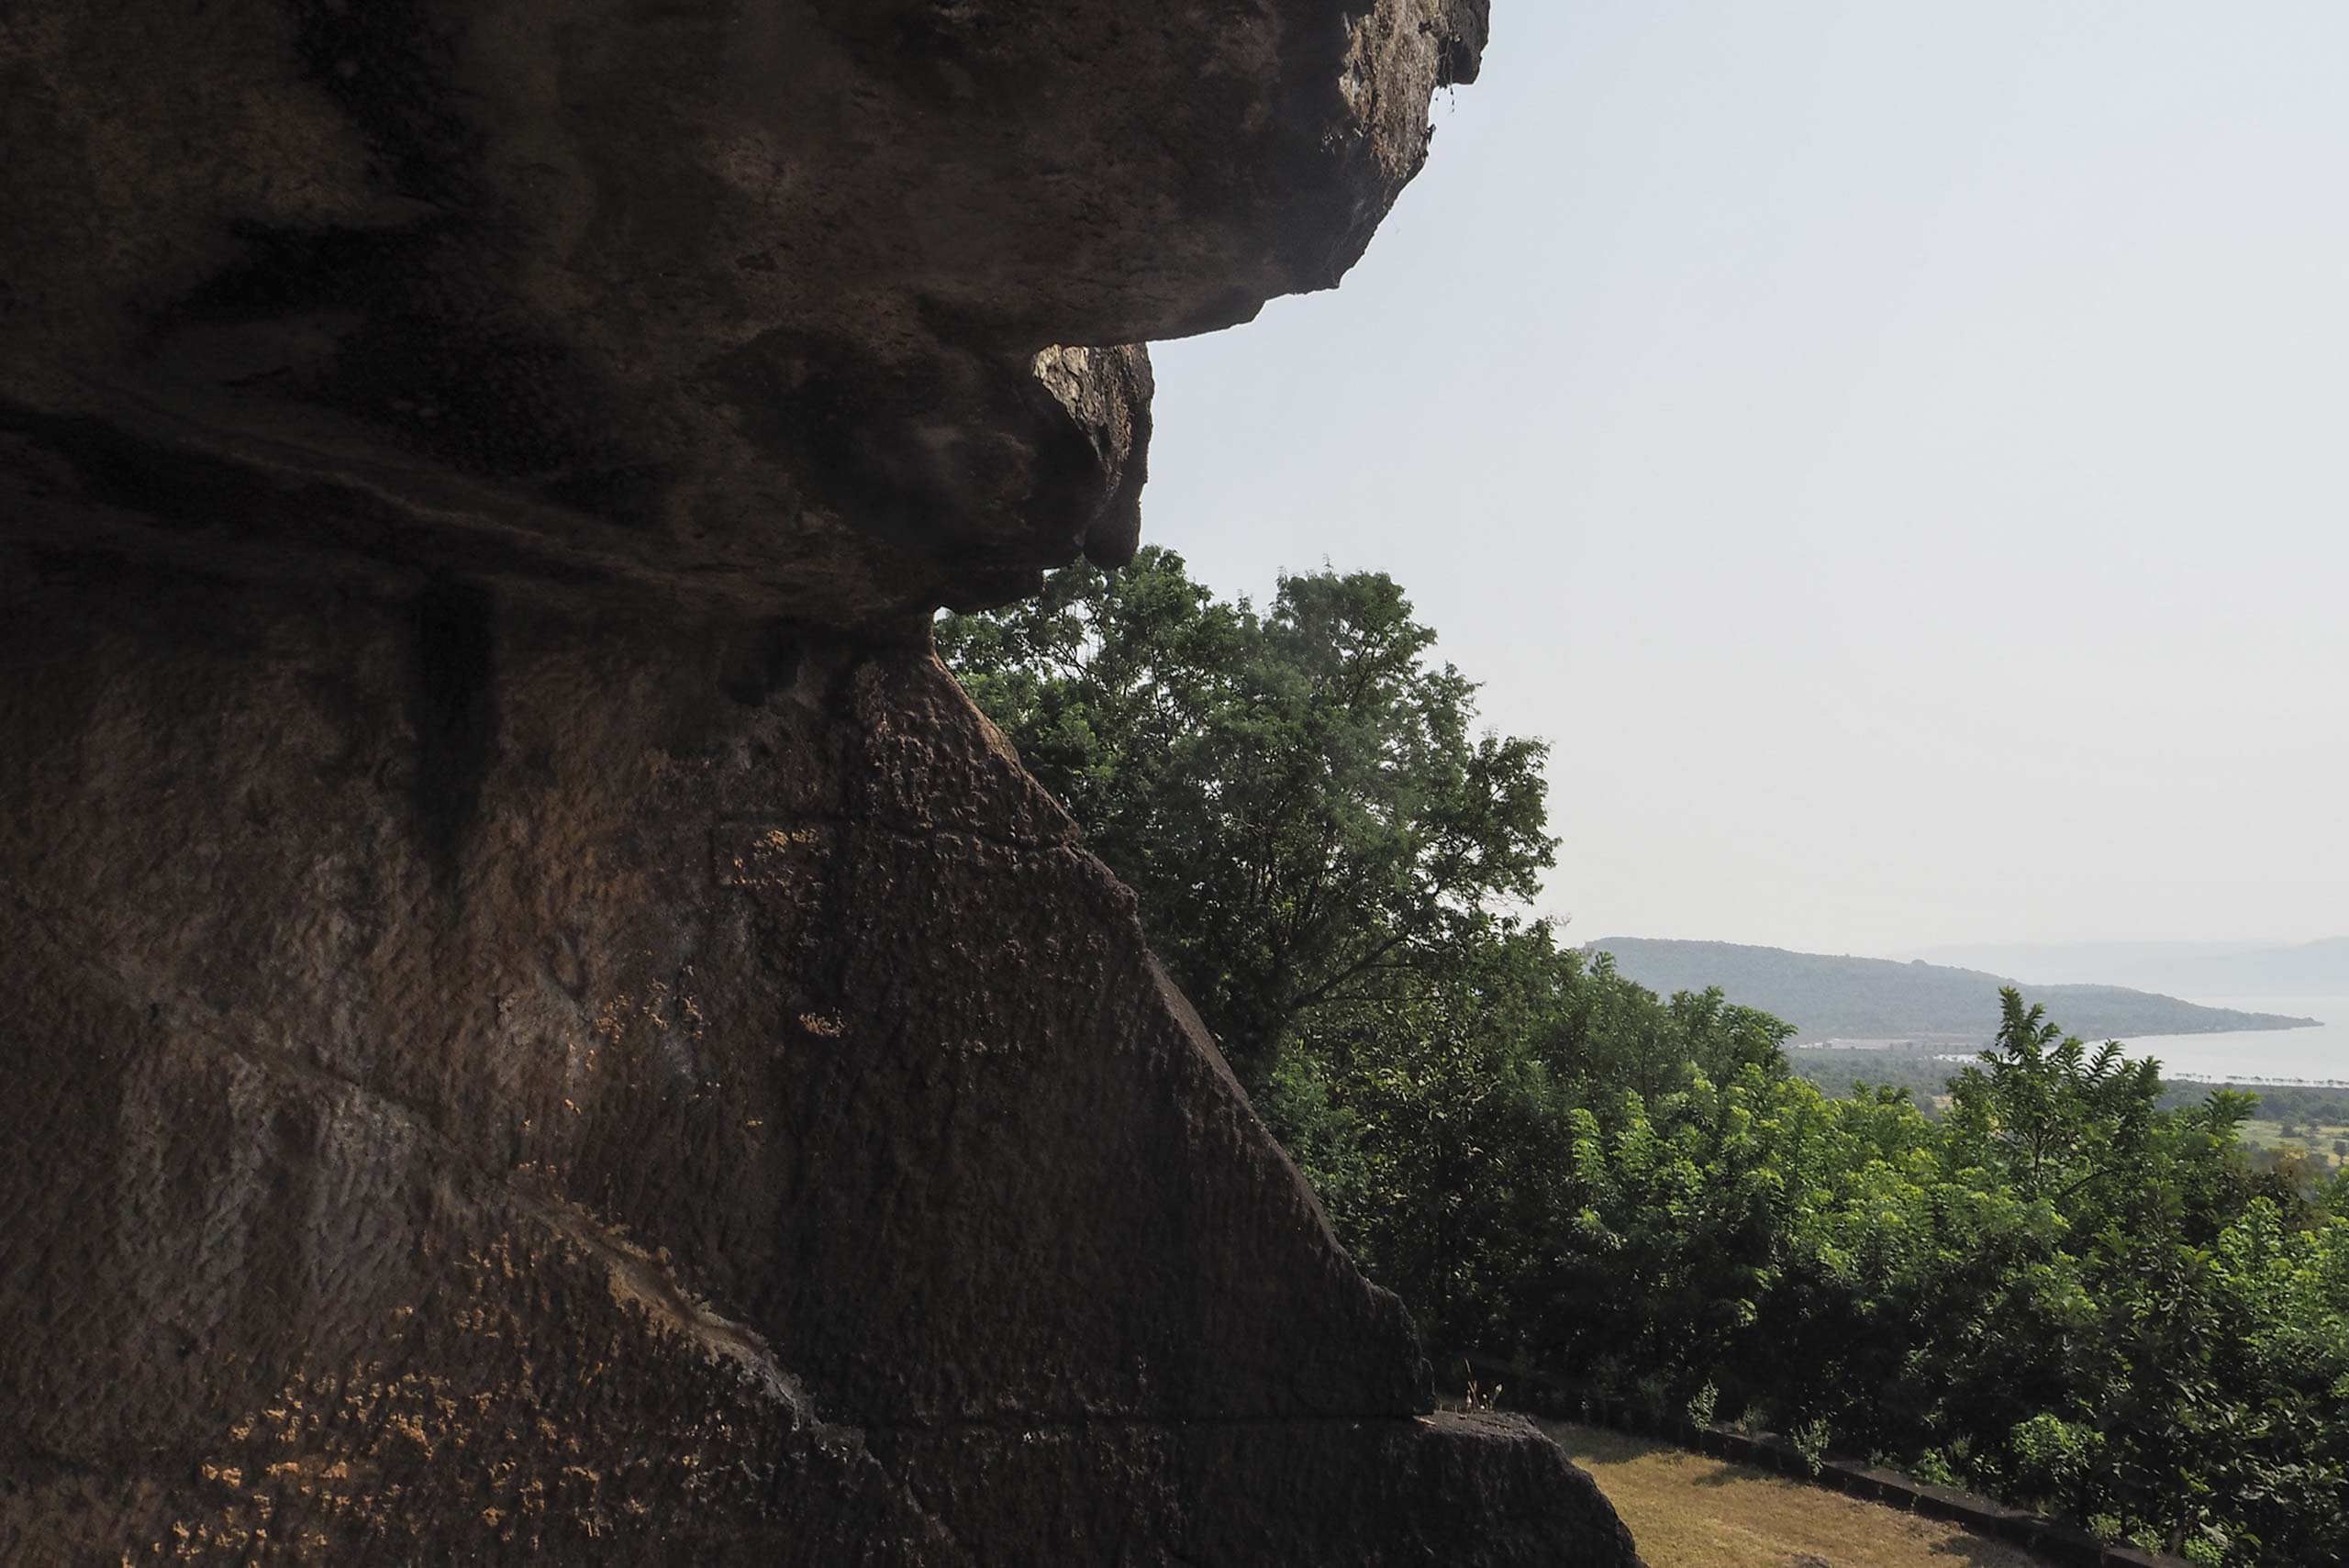 buddhist caves alibaug maharashtra india